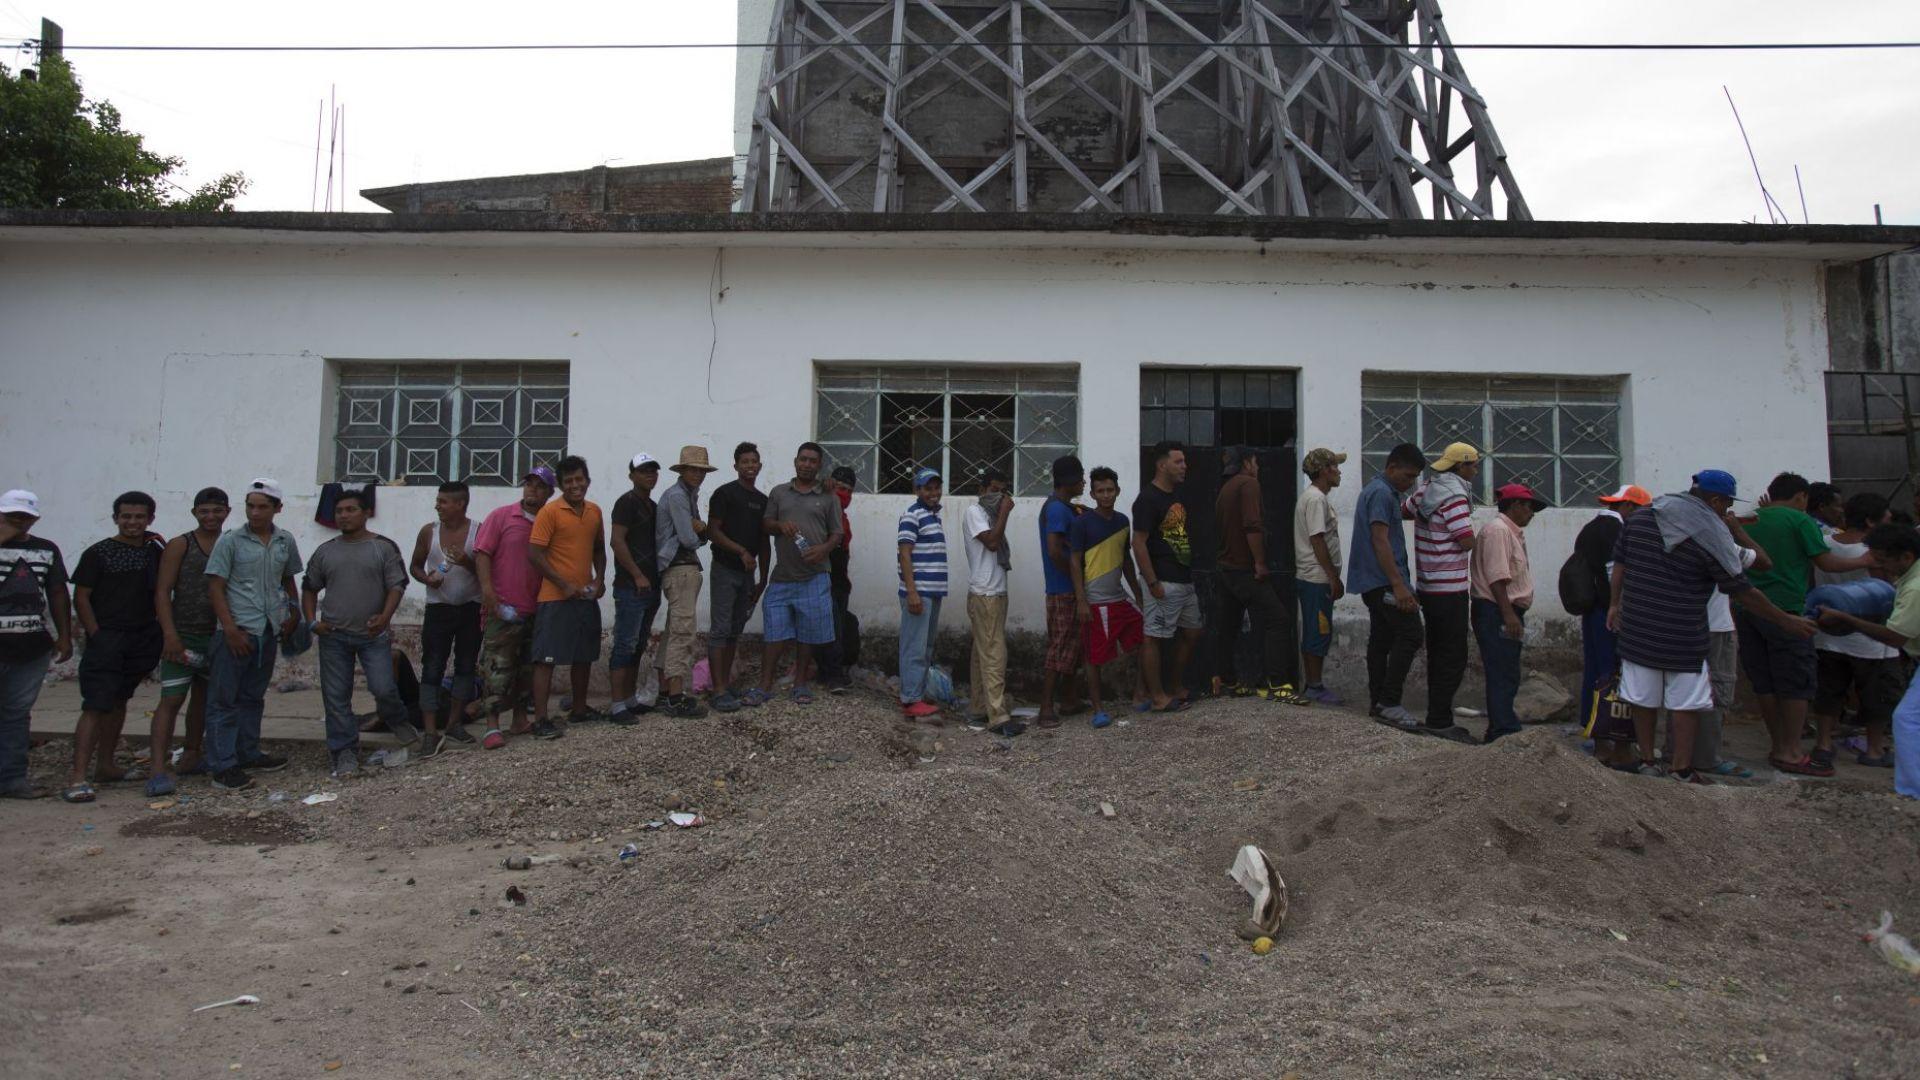 Втора група мигранти влезе в Мексико от Гватемала по пътя към САЩ